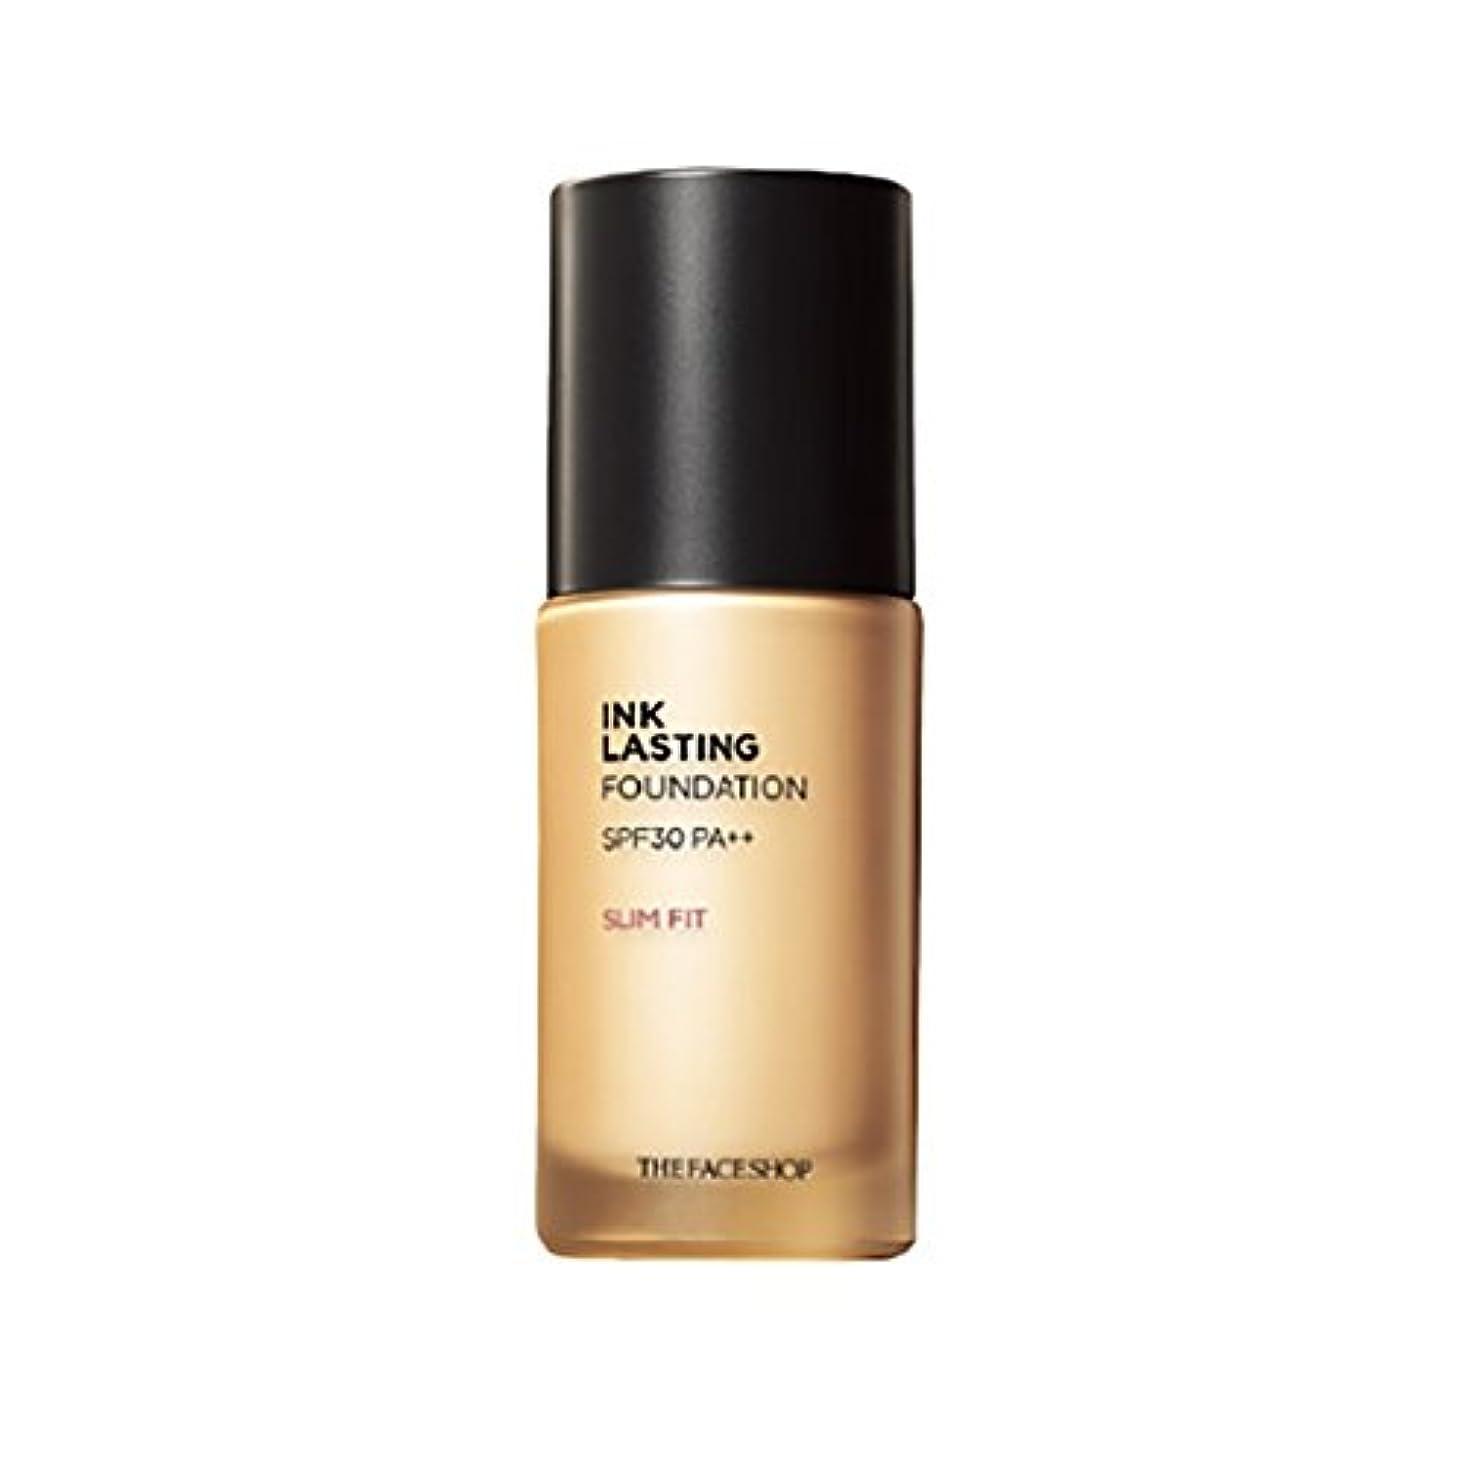 酸素天才退化するThe Face Shop ザフェイスショップ Ink Lasting Foundation Slim Fit ファンデーション 30ml #N201 Apricot Beige[並行輸入品]